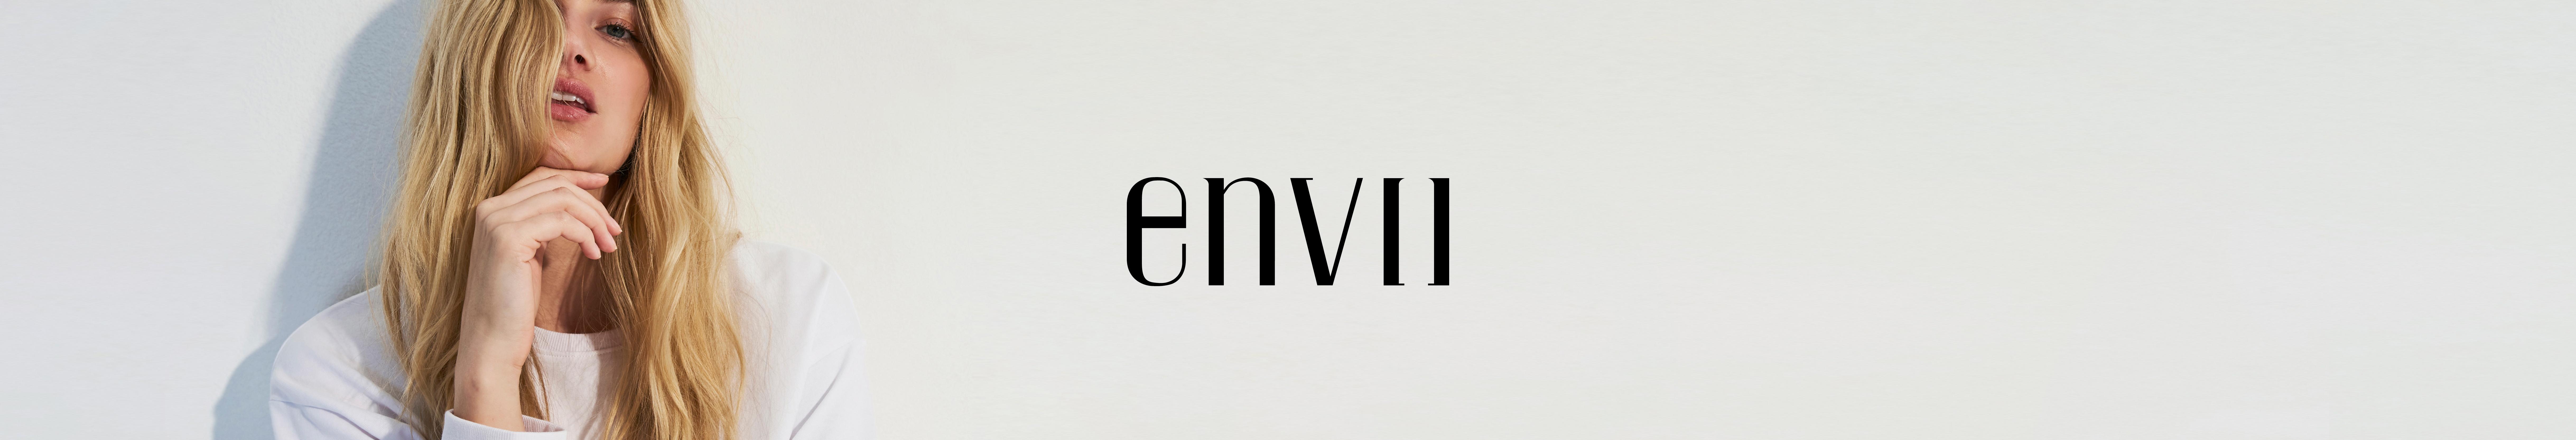 Ultramoderne Envii | Stort utvalg av de seneste nyhetene | Boozt.com EB-38